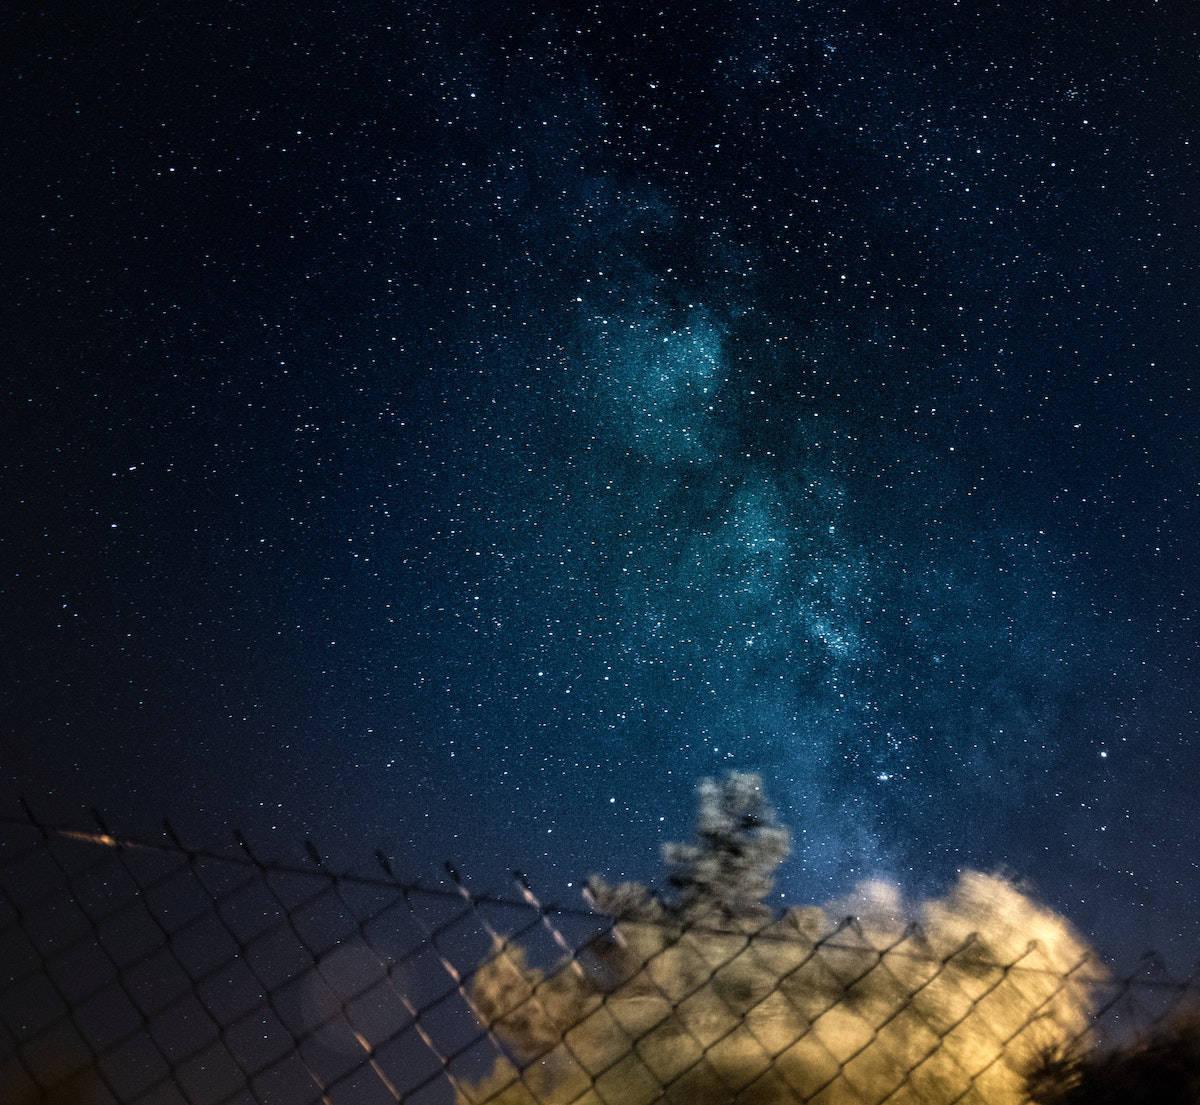 starlink internet gratuit actualités nicolas métivier webmaster bordeaux